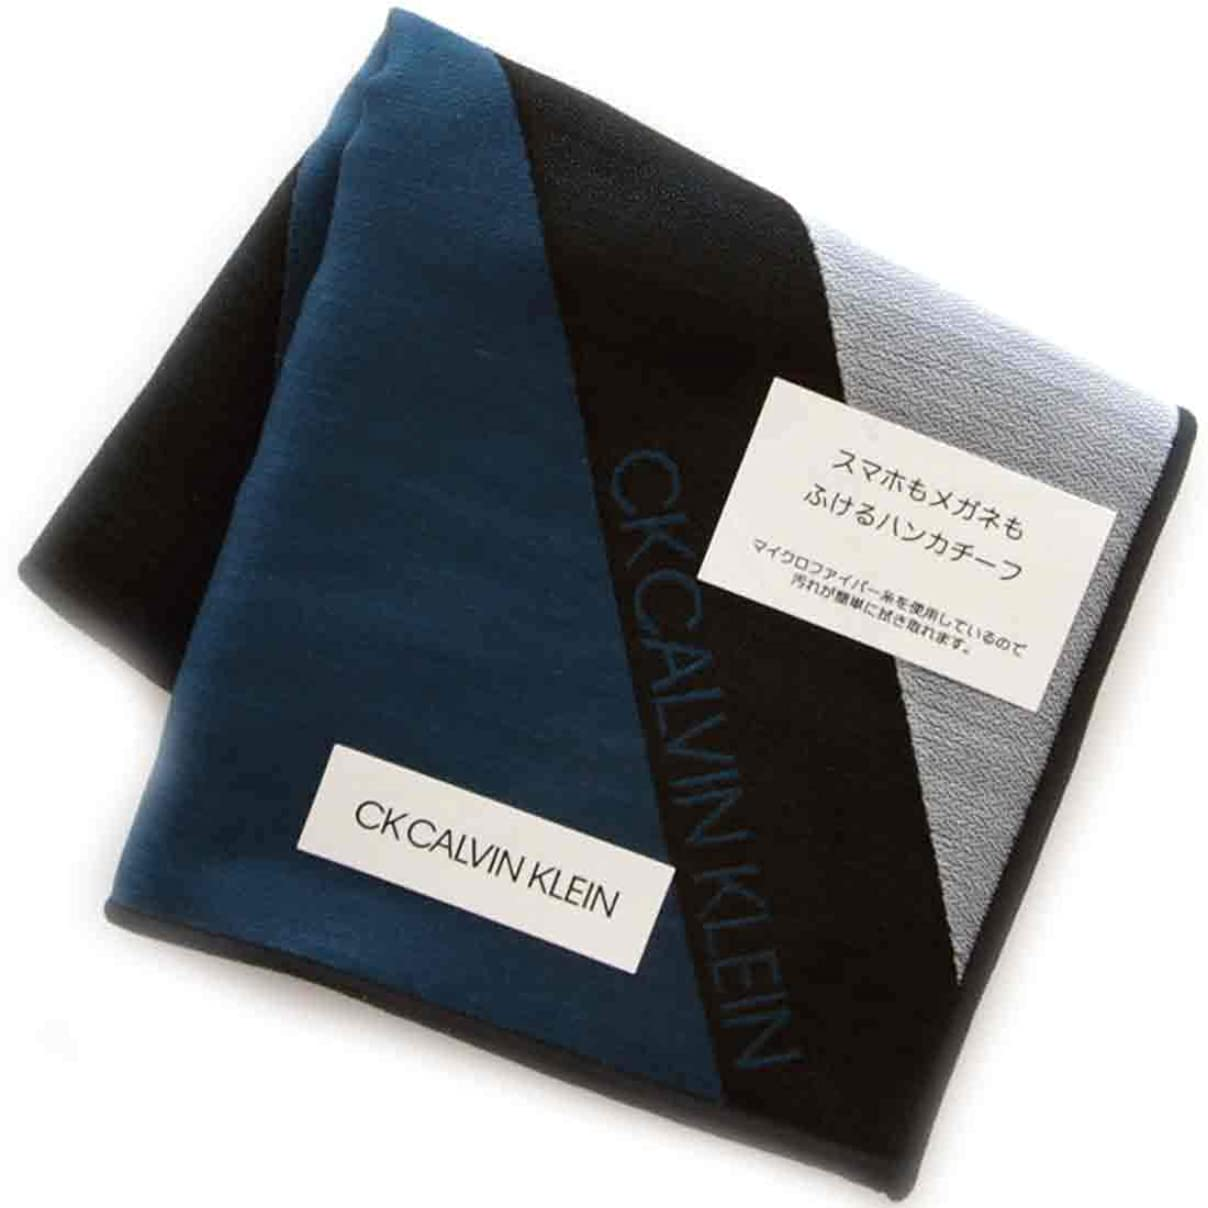 虫を数えるハウジングパテカルバンクライン 紳士 ハンカチ (ブルー×グレー) メガネ?液晶も拭ける [マイクロファイバー] ビジネス メンズ ハンカチーフ 24cm CK CALVIN KLEIN 119856-9251-02